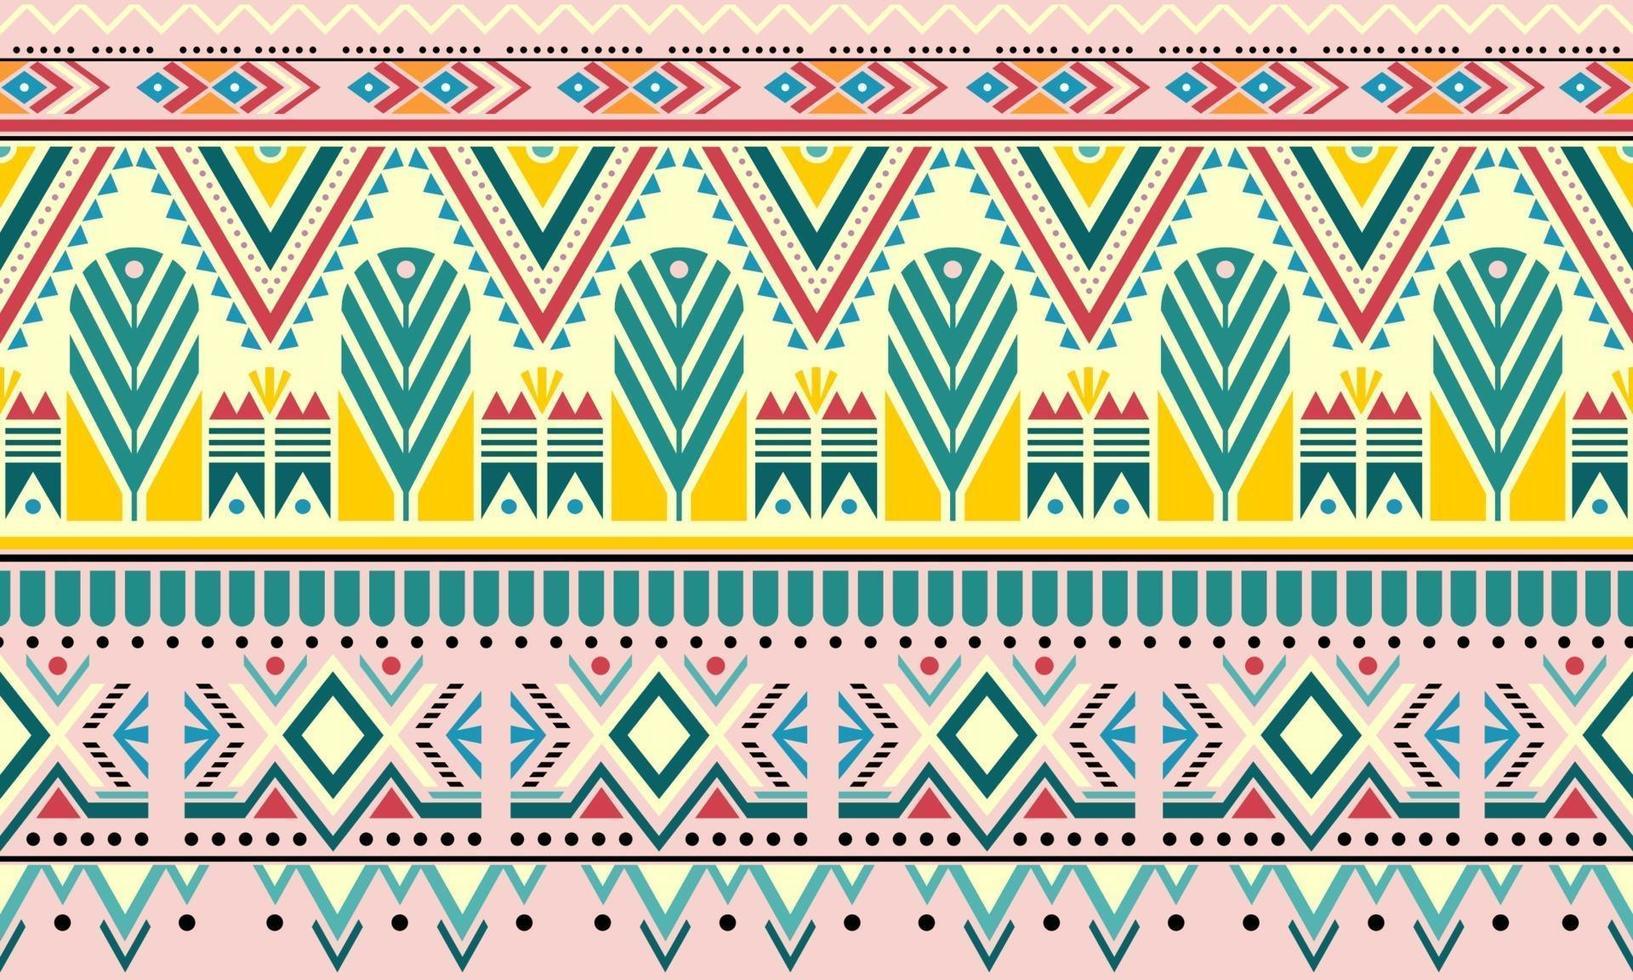 listrado vintage boho fashion style sem costura de fundo com elementos de forma tribal. listras coloridas feitas à mão brilhante tribal. ideal para design de tecido, impressão em papel e pano de fundo da web vetor